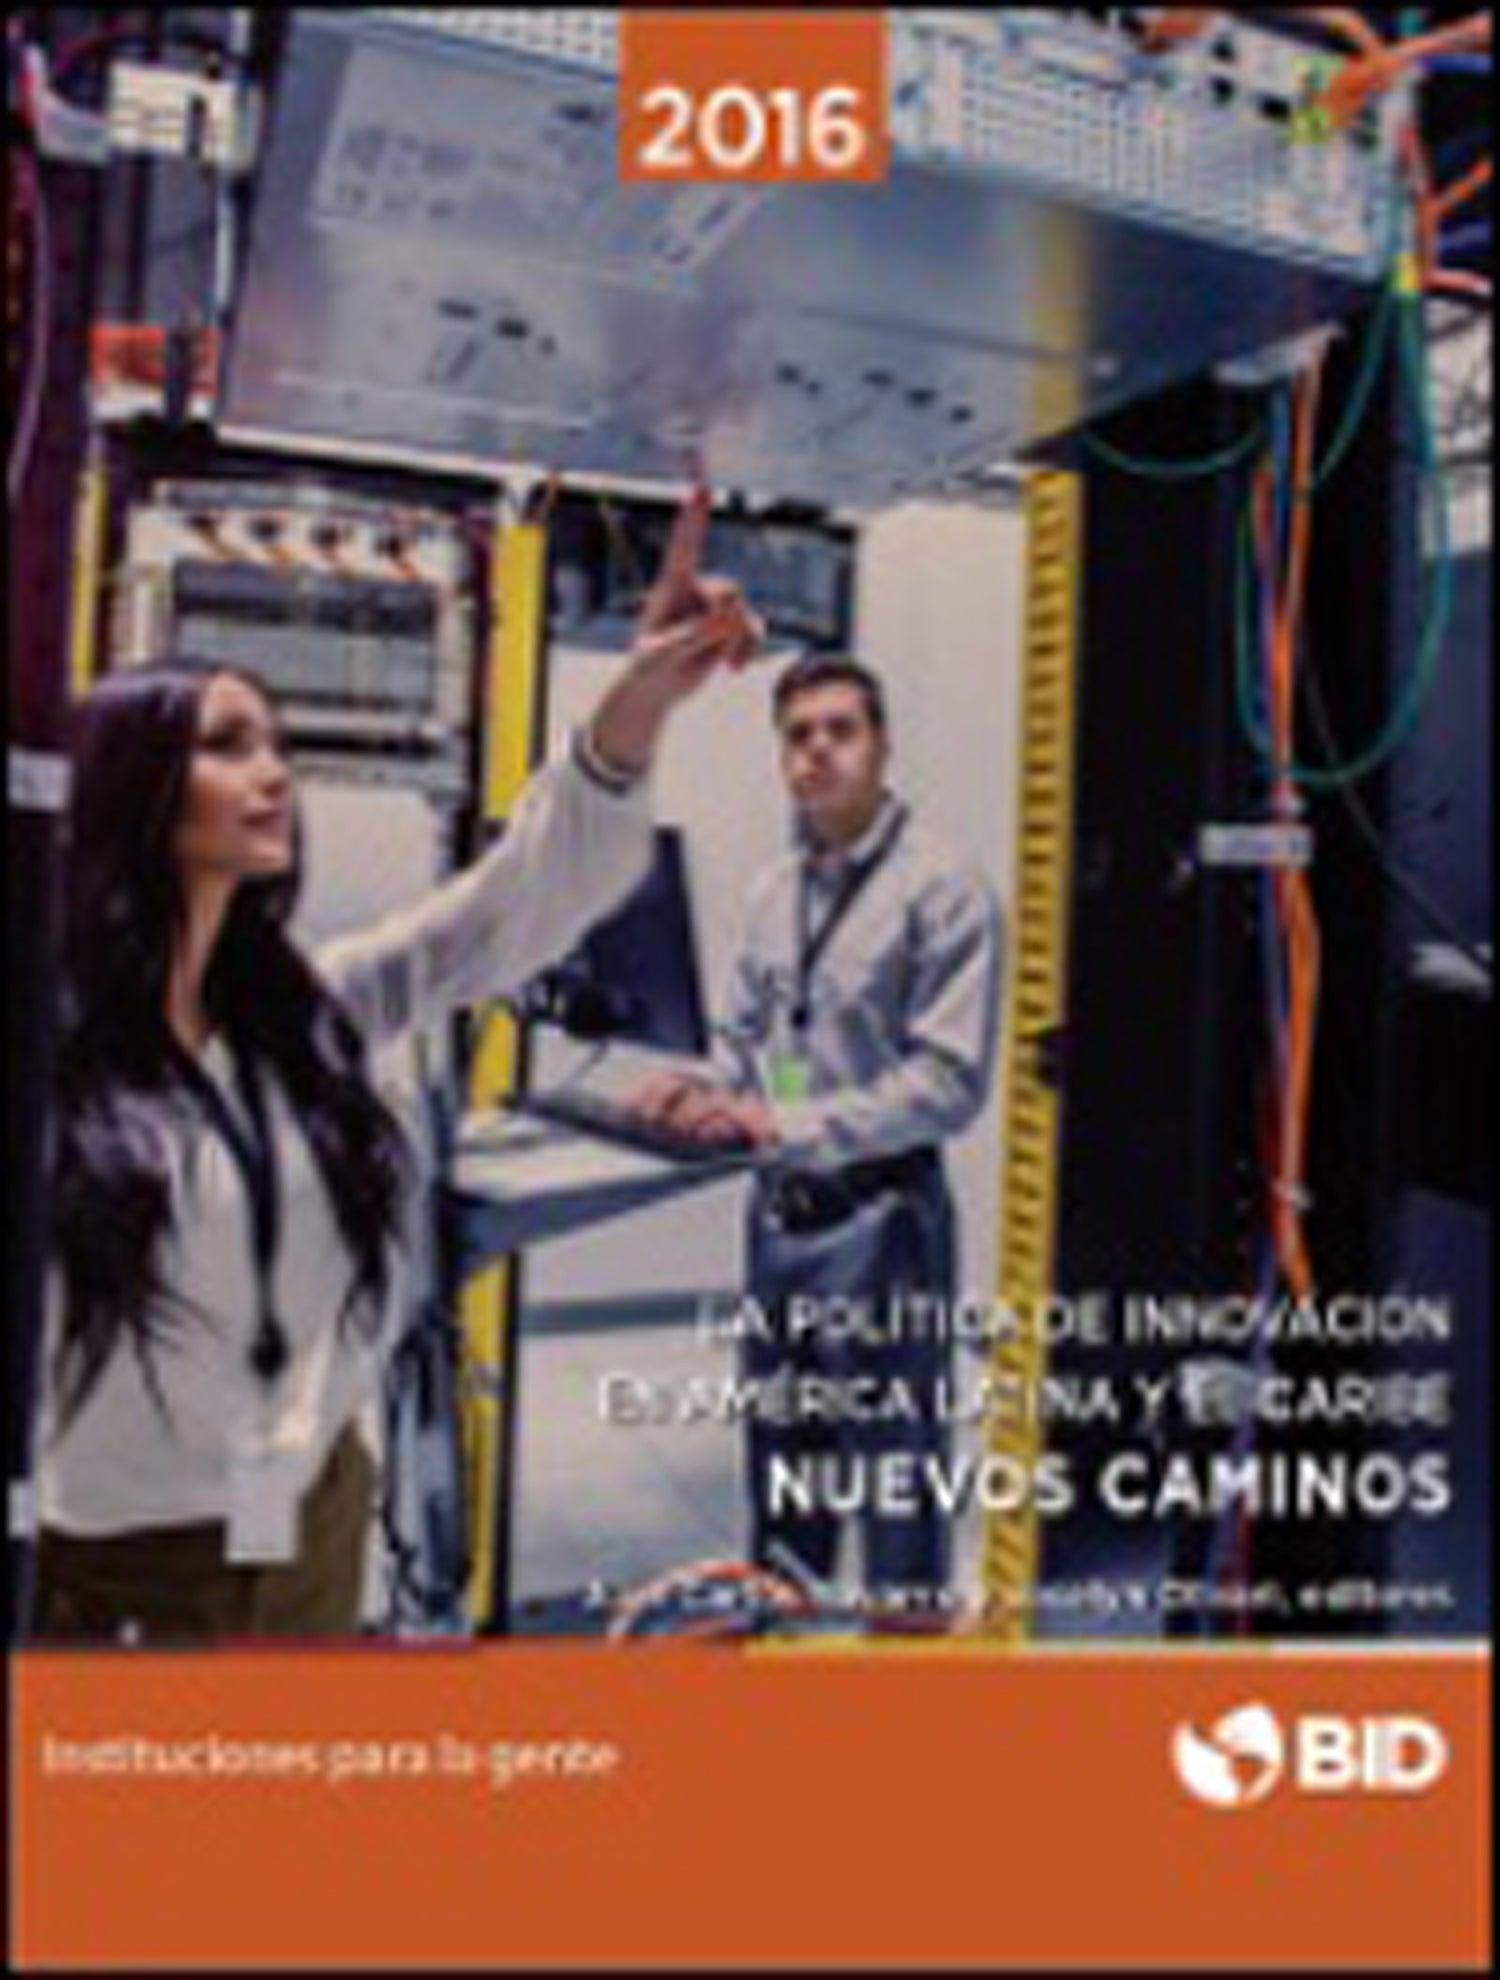 La política de innovación en América Latina y el Caribe : nuevos caminos